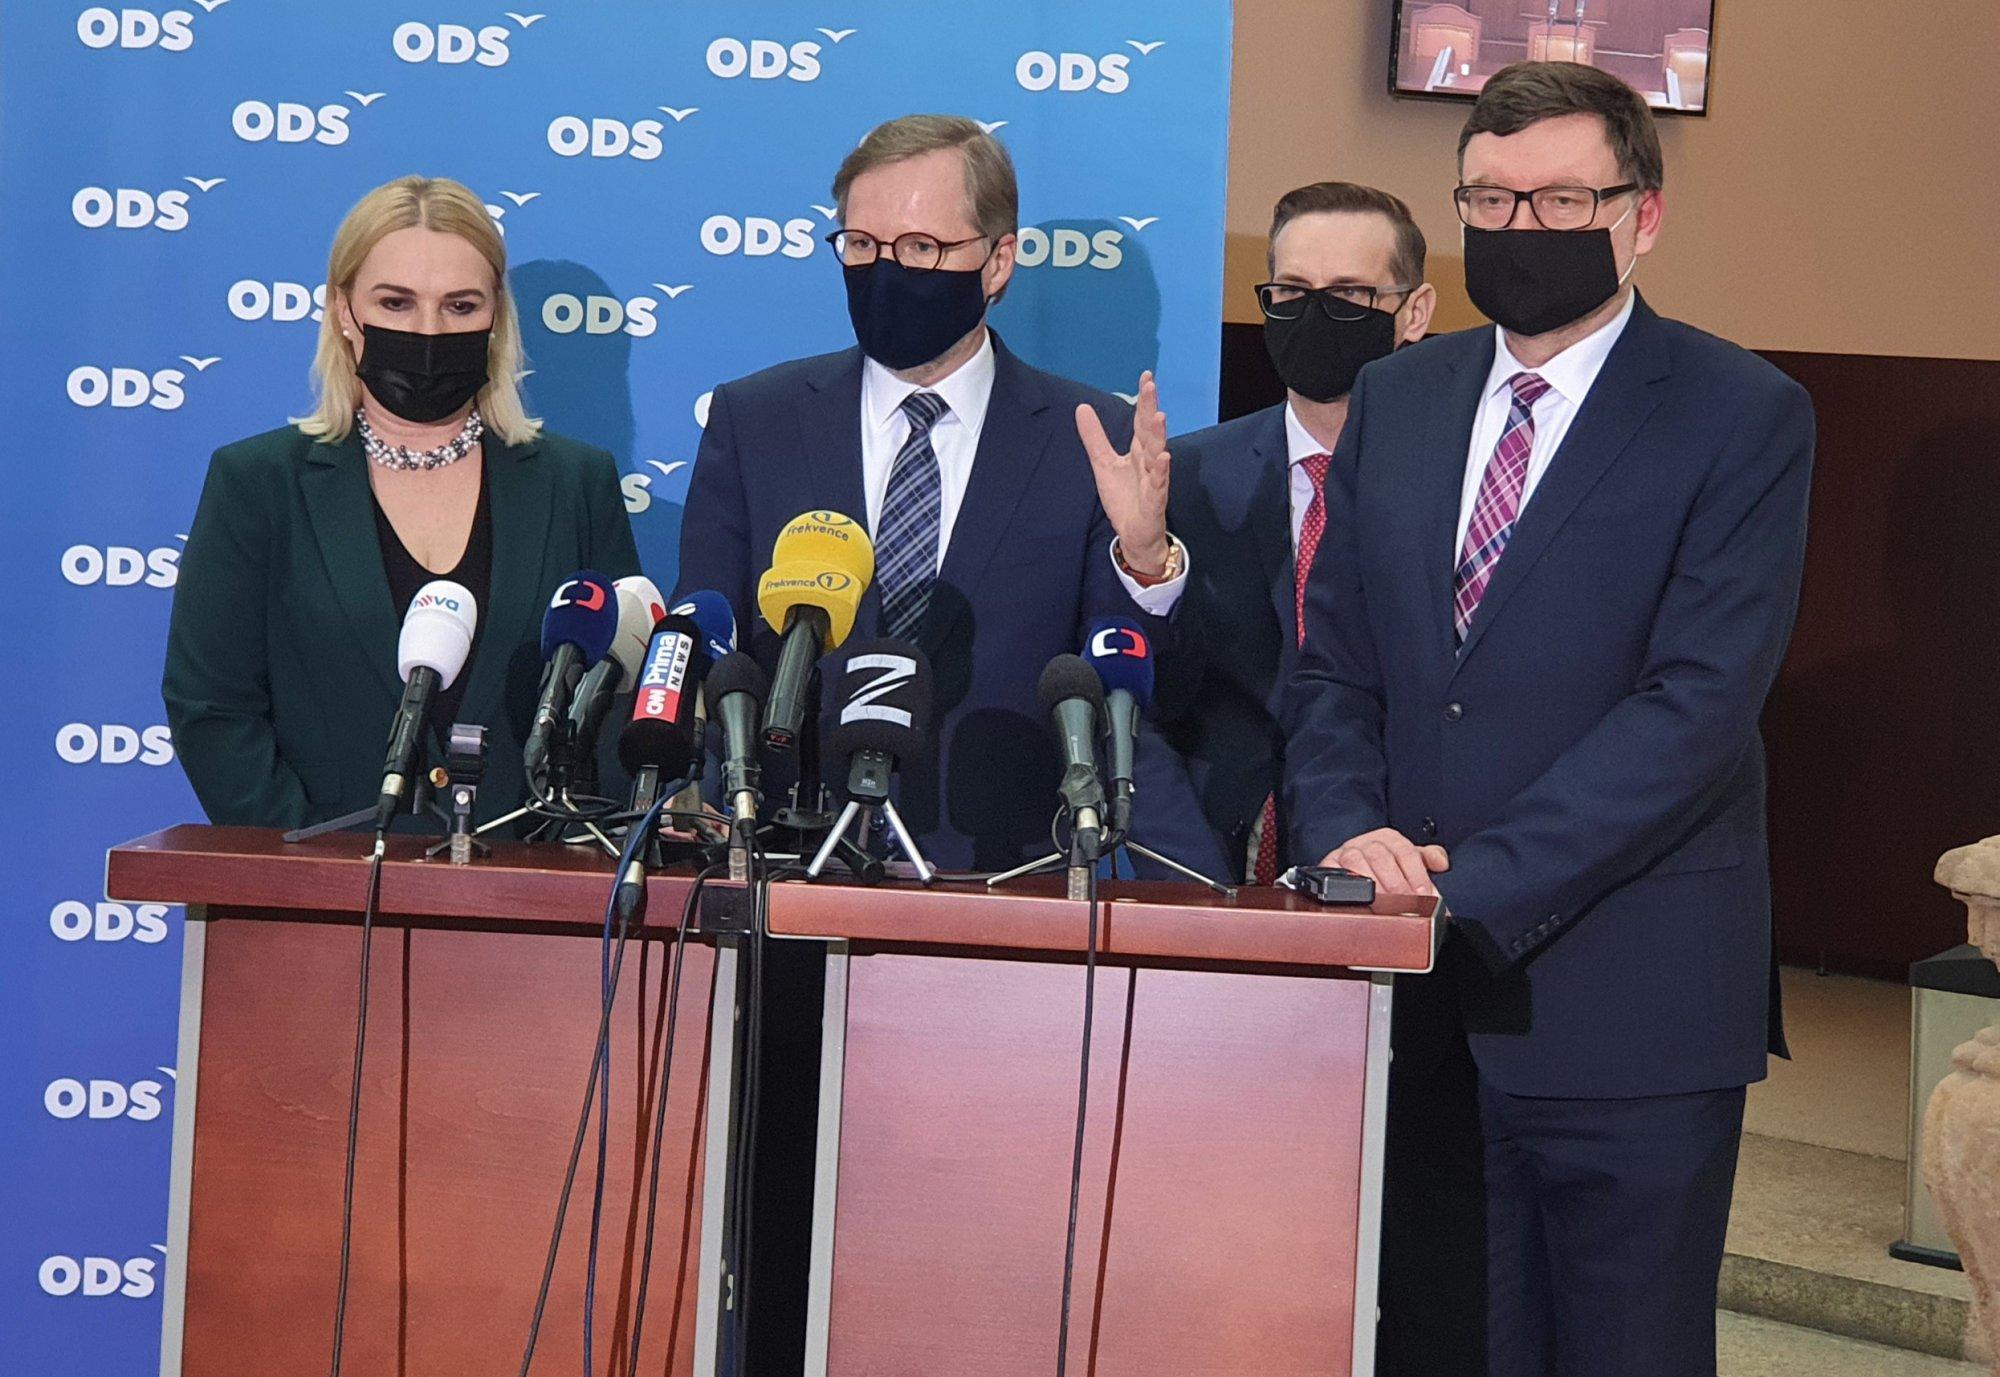 ODS: Chceme vyšetřovací komisi k Bečvě a zařazení bodu k Navalnému